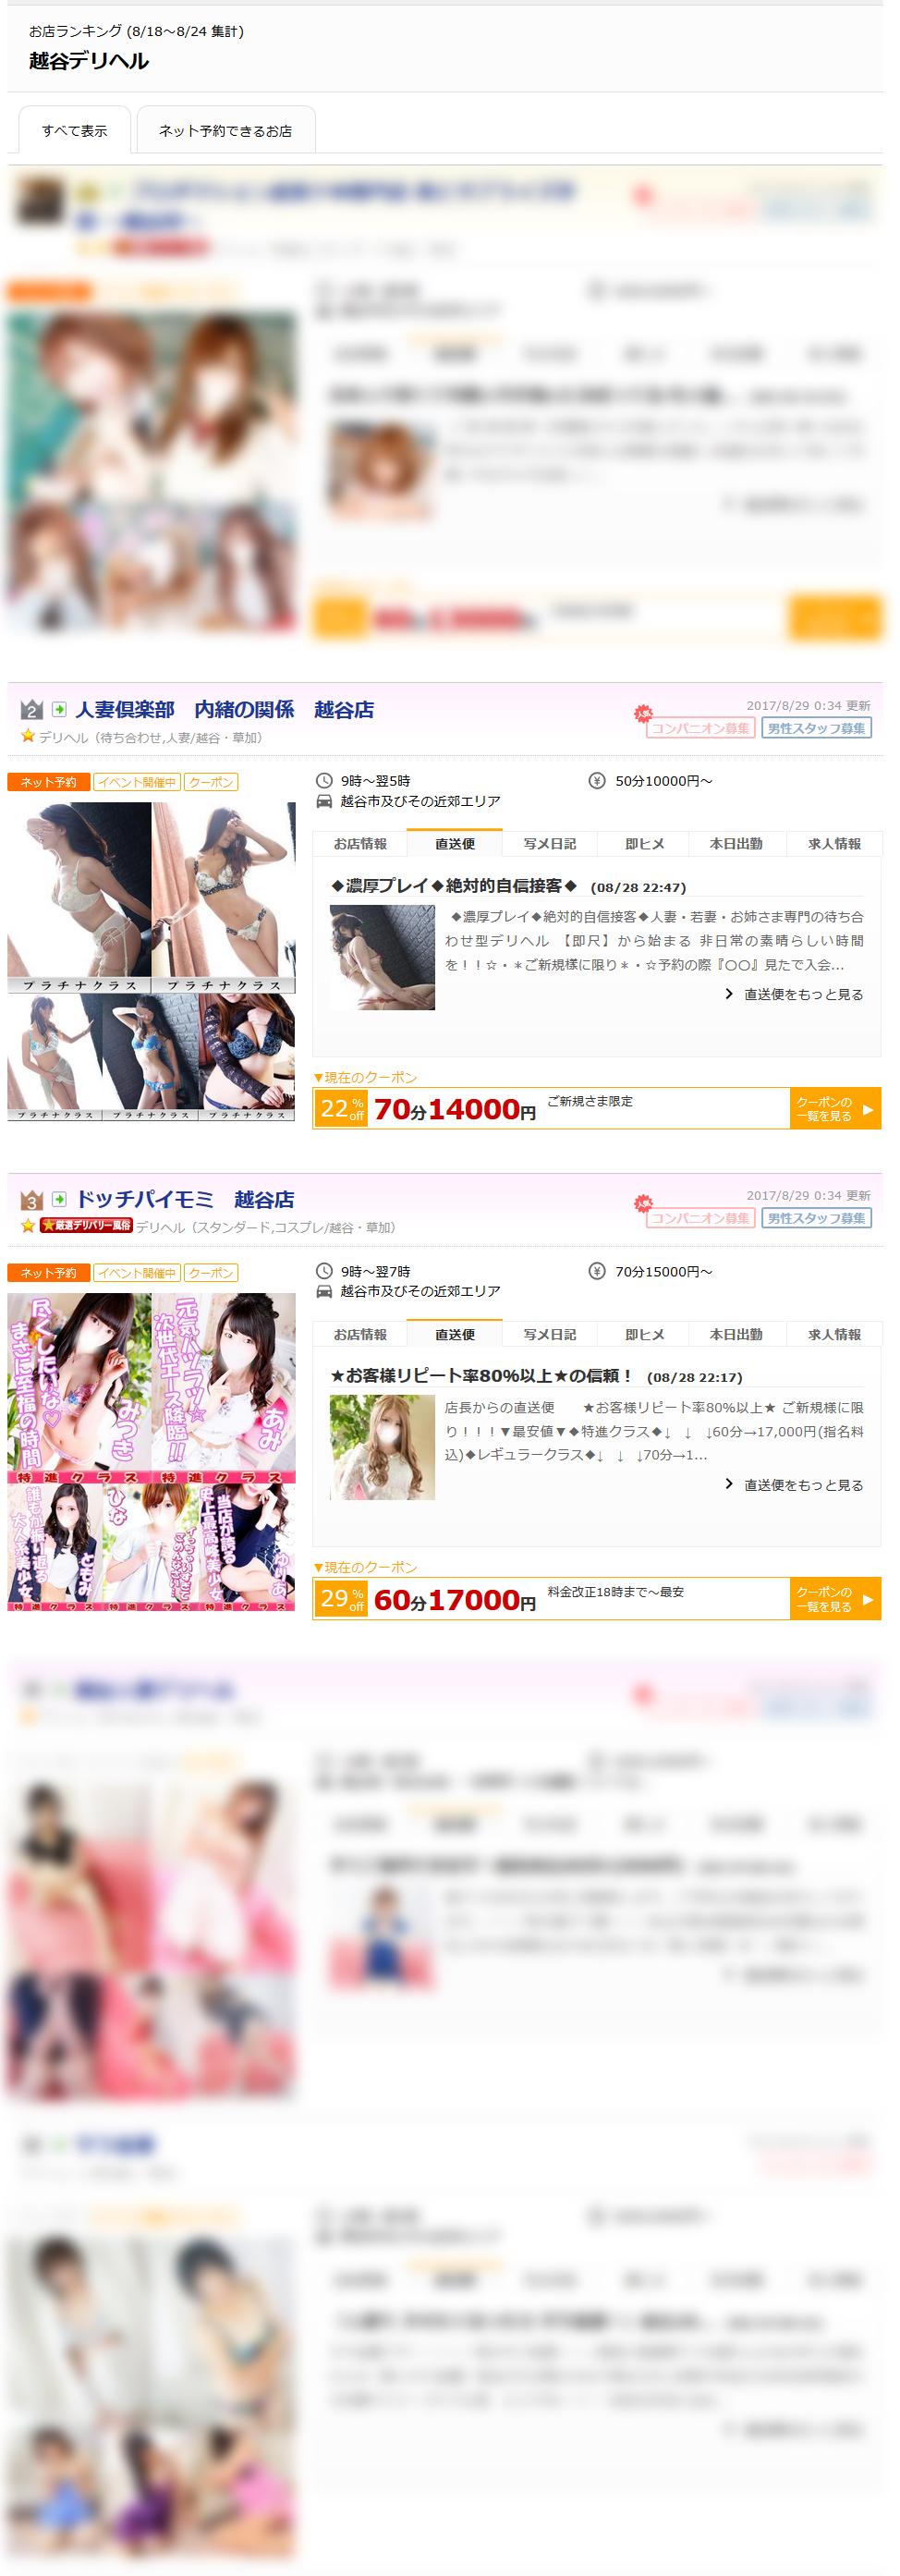 越谷デリヘルお店ランキング2017-08-28